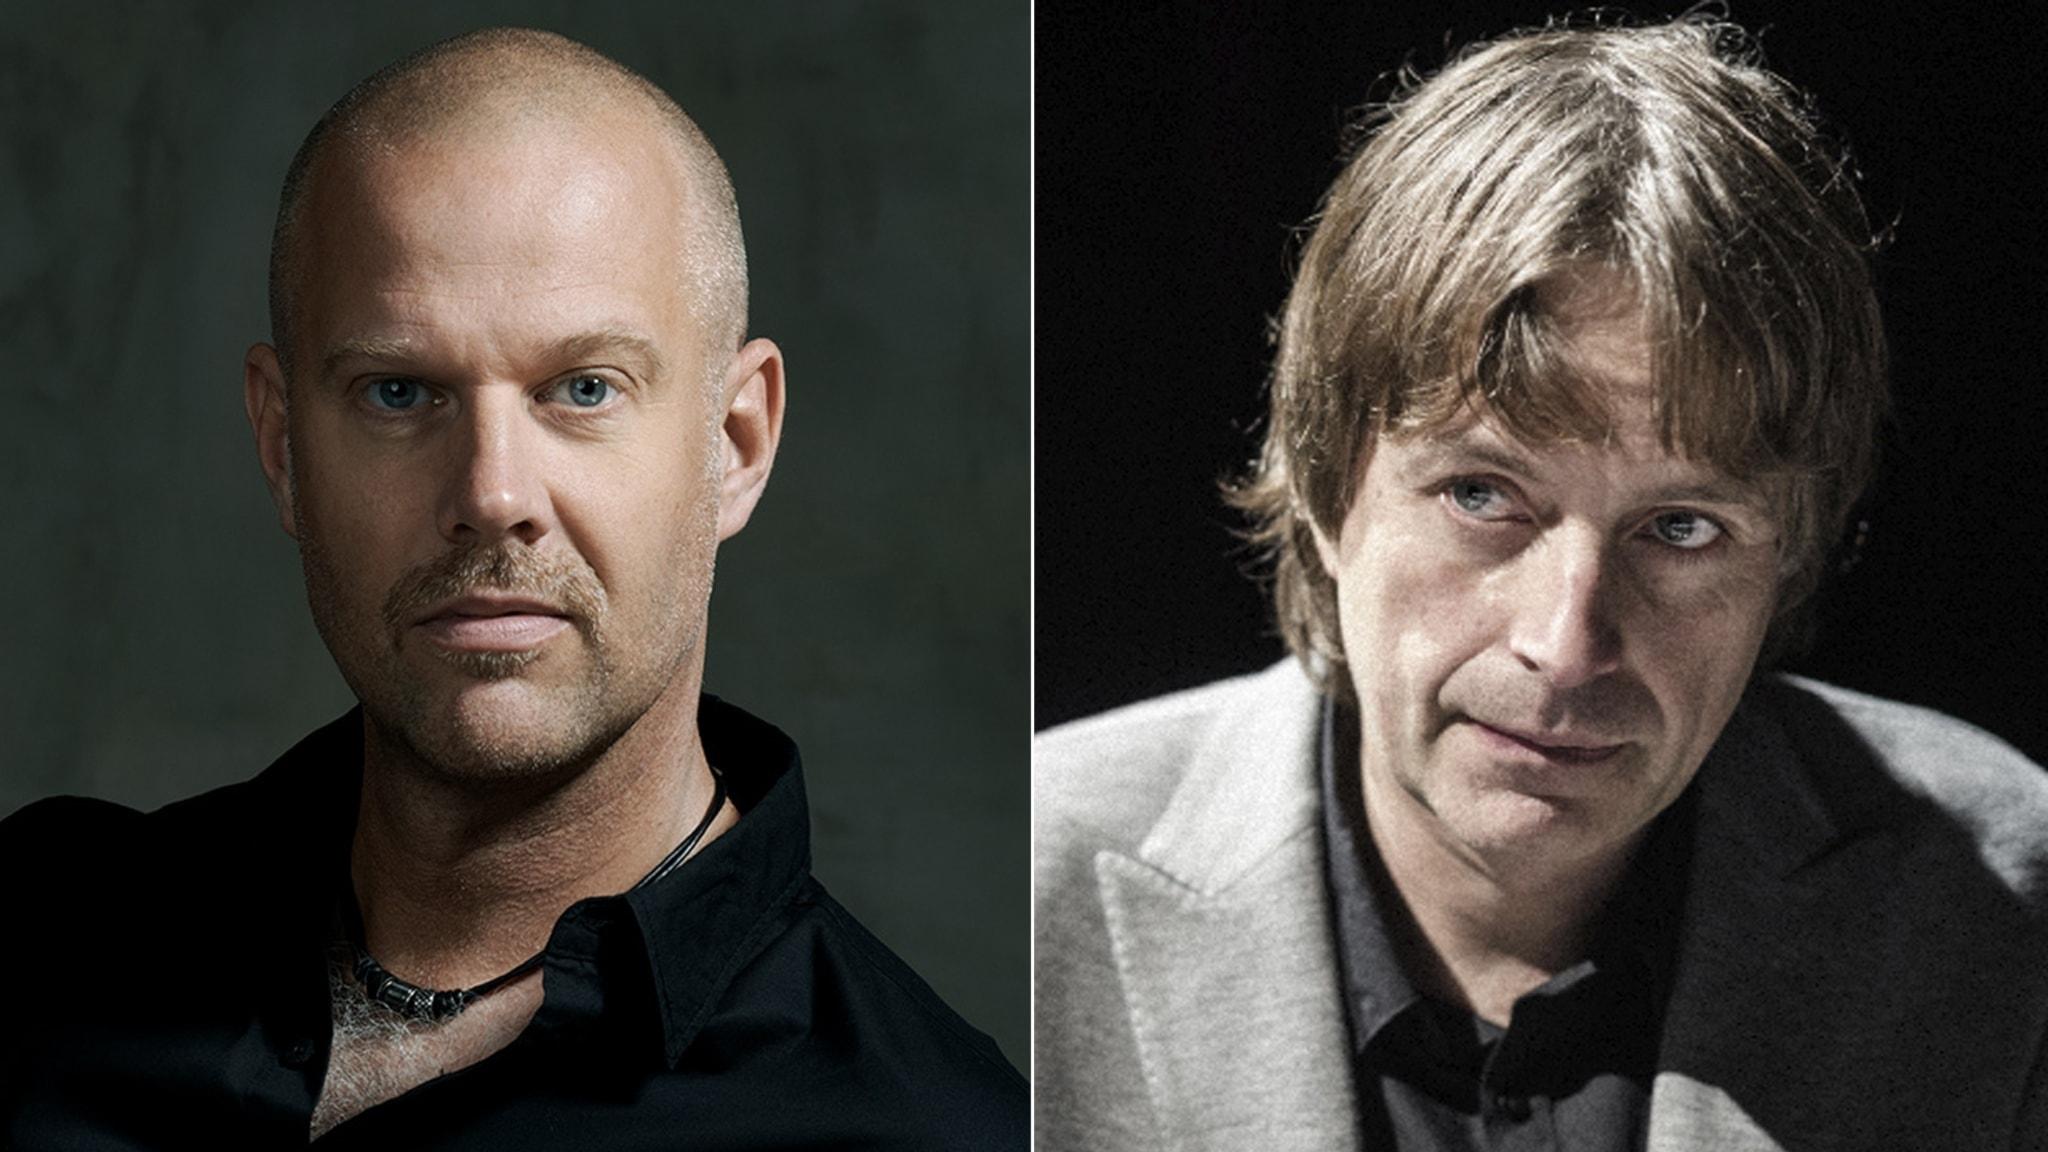 KONSERT: Pianisterna Jan Lundgren och Jakob Karlzon i unikt möte